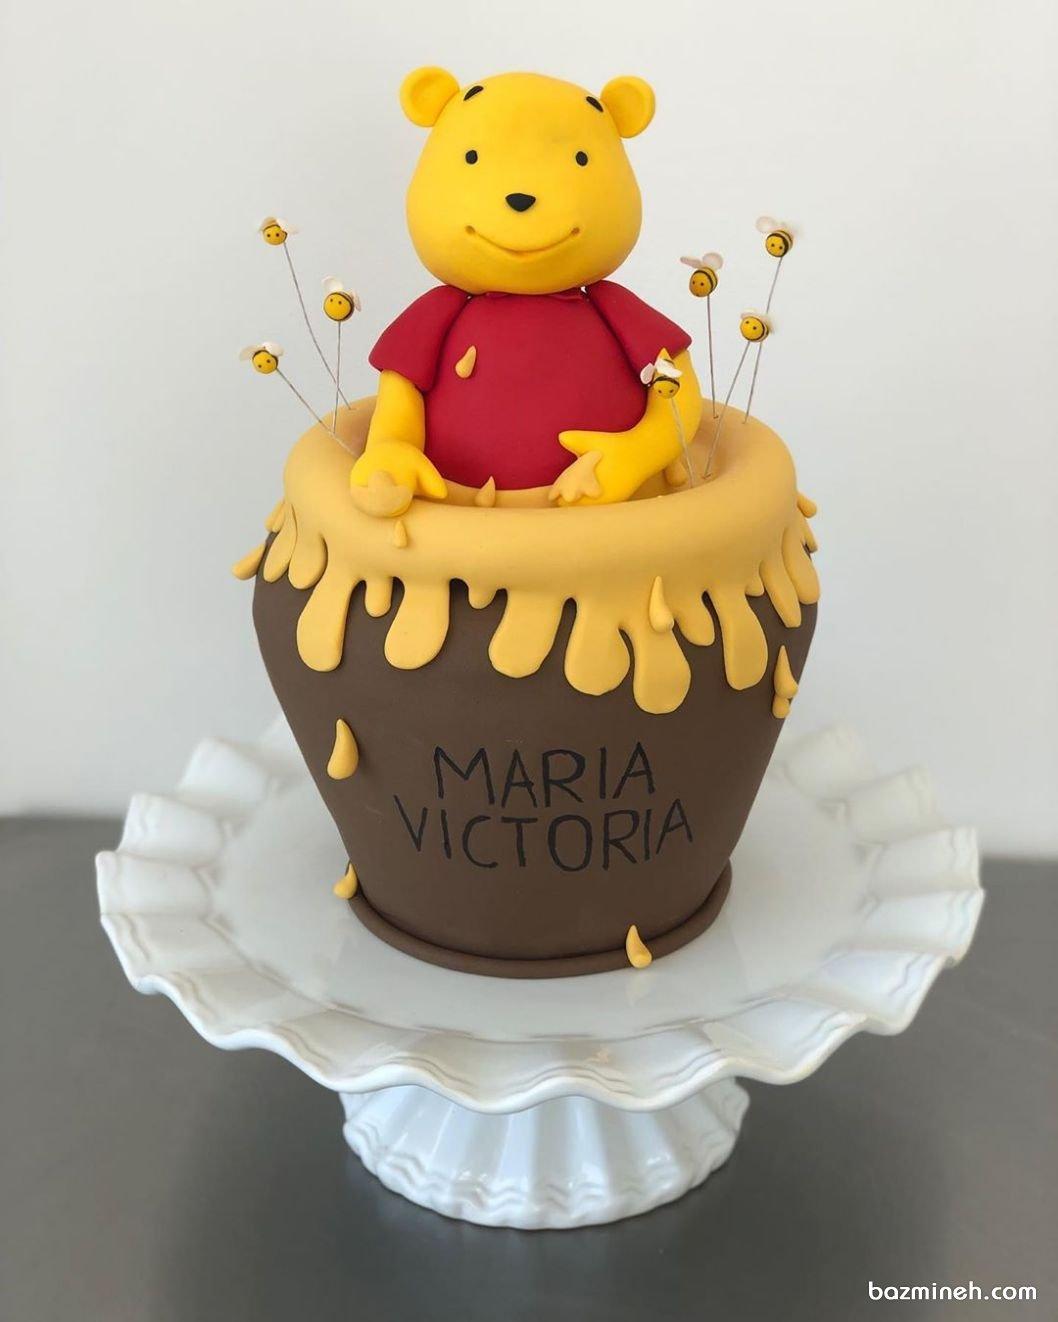 مینی کیک بامزه جشن تولد کودک با تم پو و عسل مینی کیک ها، کیک های کوچک در سایزهای فانتزی هستند که می توانند با فوندانت و در رنگ های بسیار زیبا تزئین شوند که دکوراتورهای کیک در بزمینه با تم پو و ظرف عسل به زیبایی آنها را می آرایند.